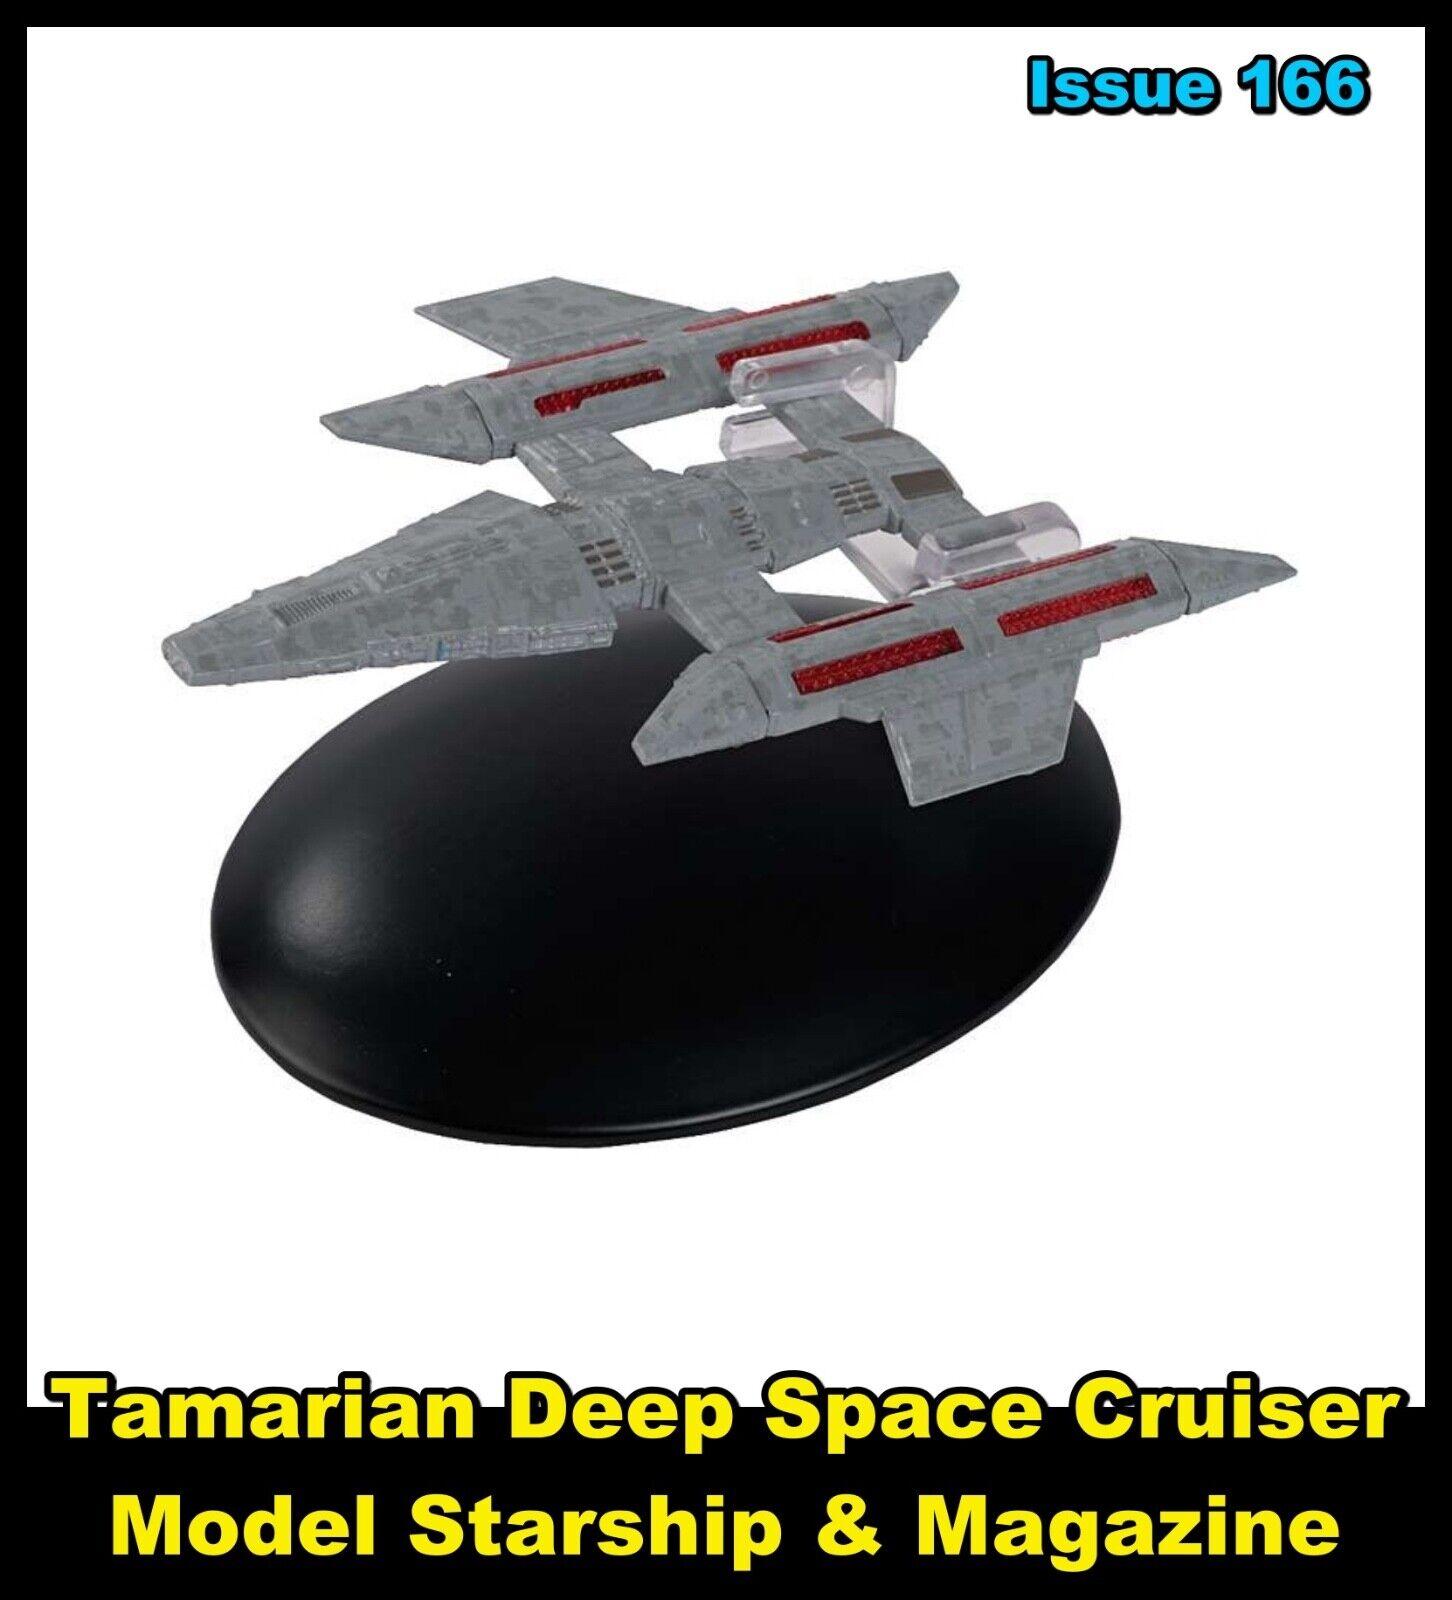 Issue 166: Tamarian Deep Space Cruiser